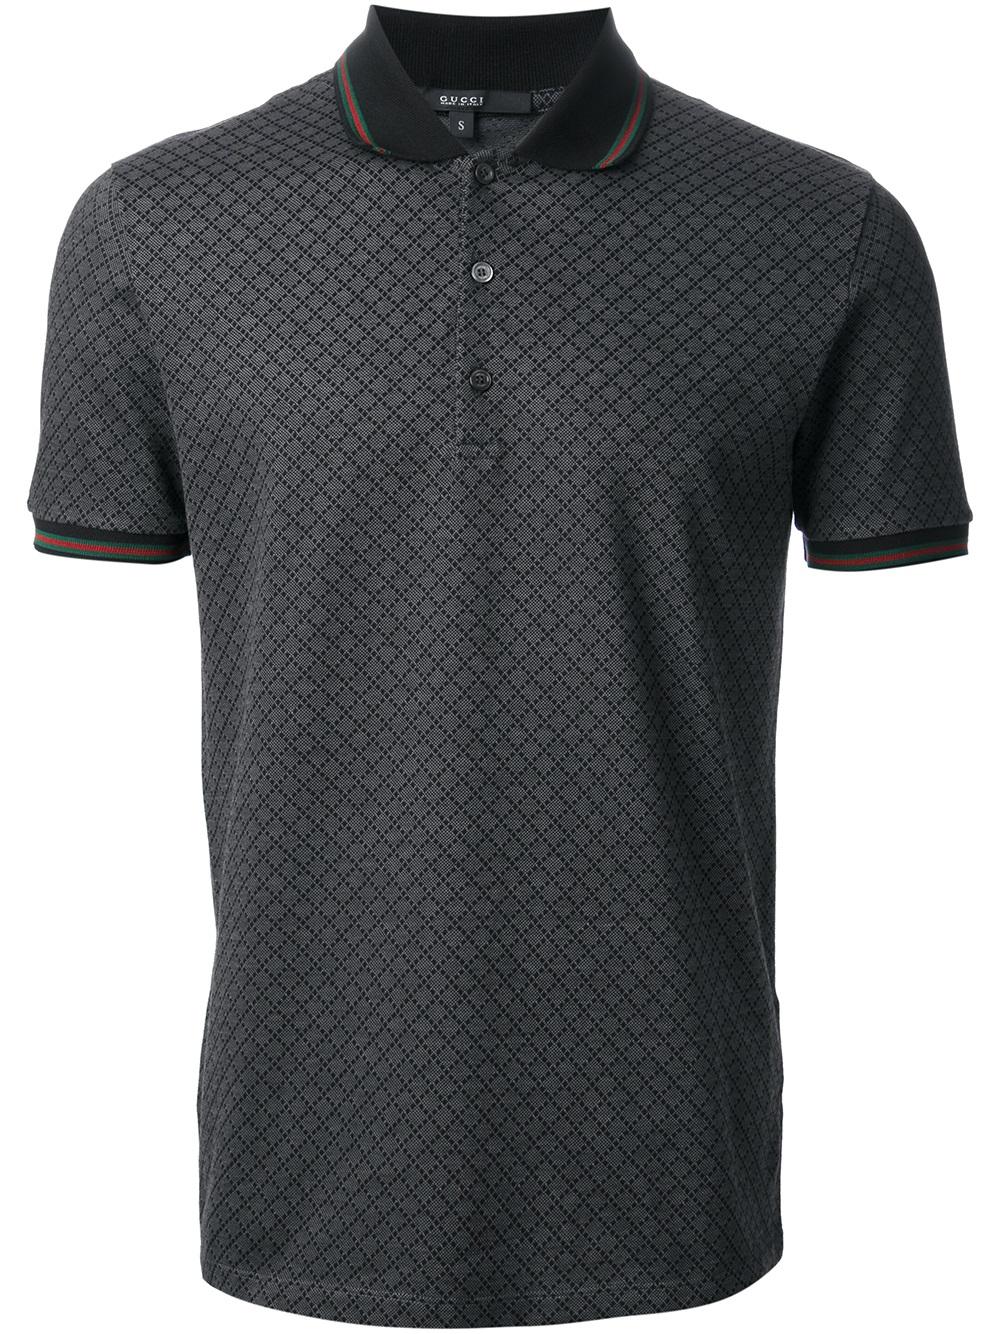 Lyst - Gucci Diamond Pattern Polo Shirt in Gray for Men 6f108e9ea612